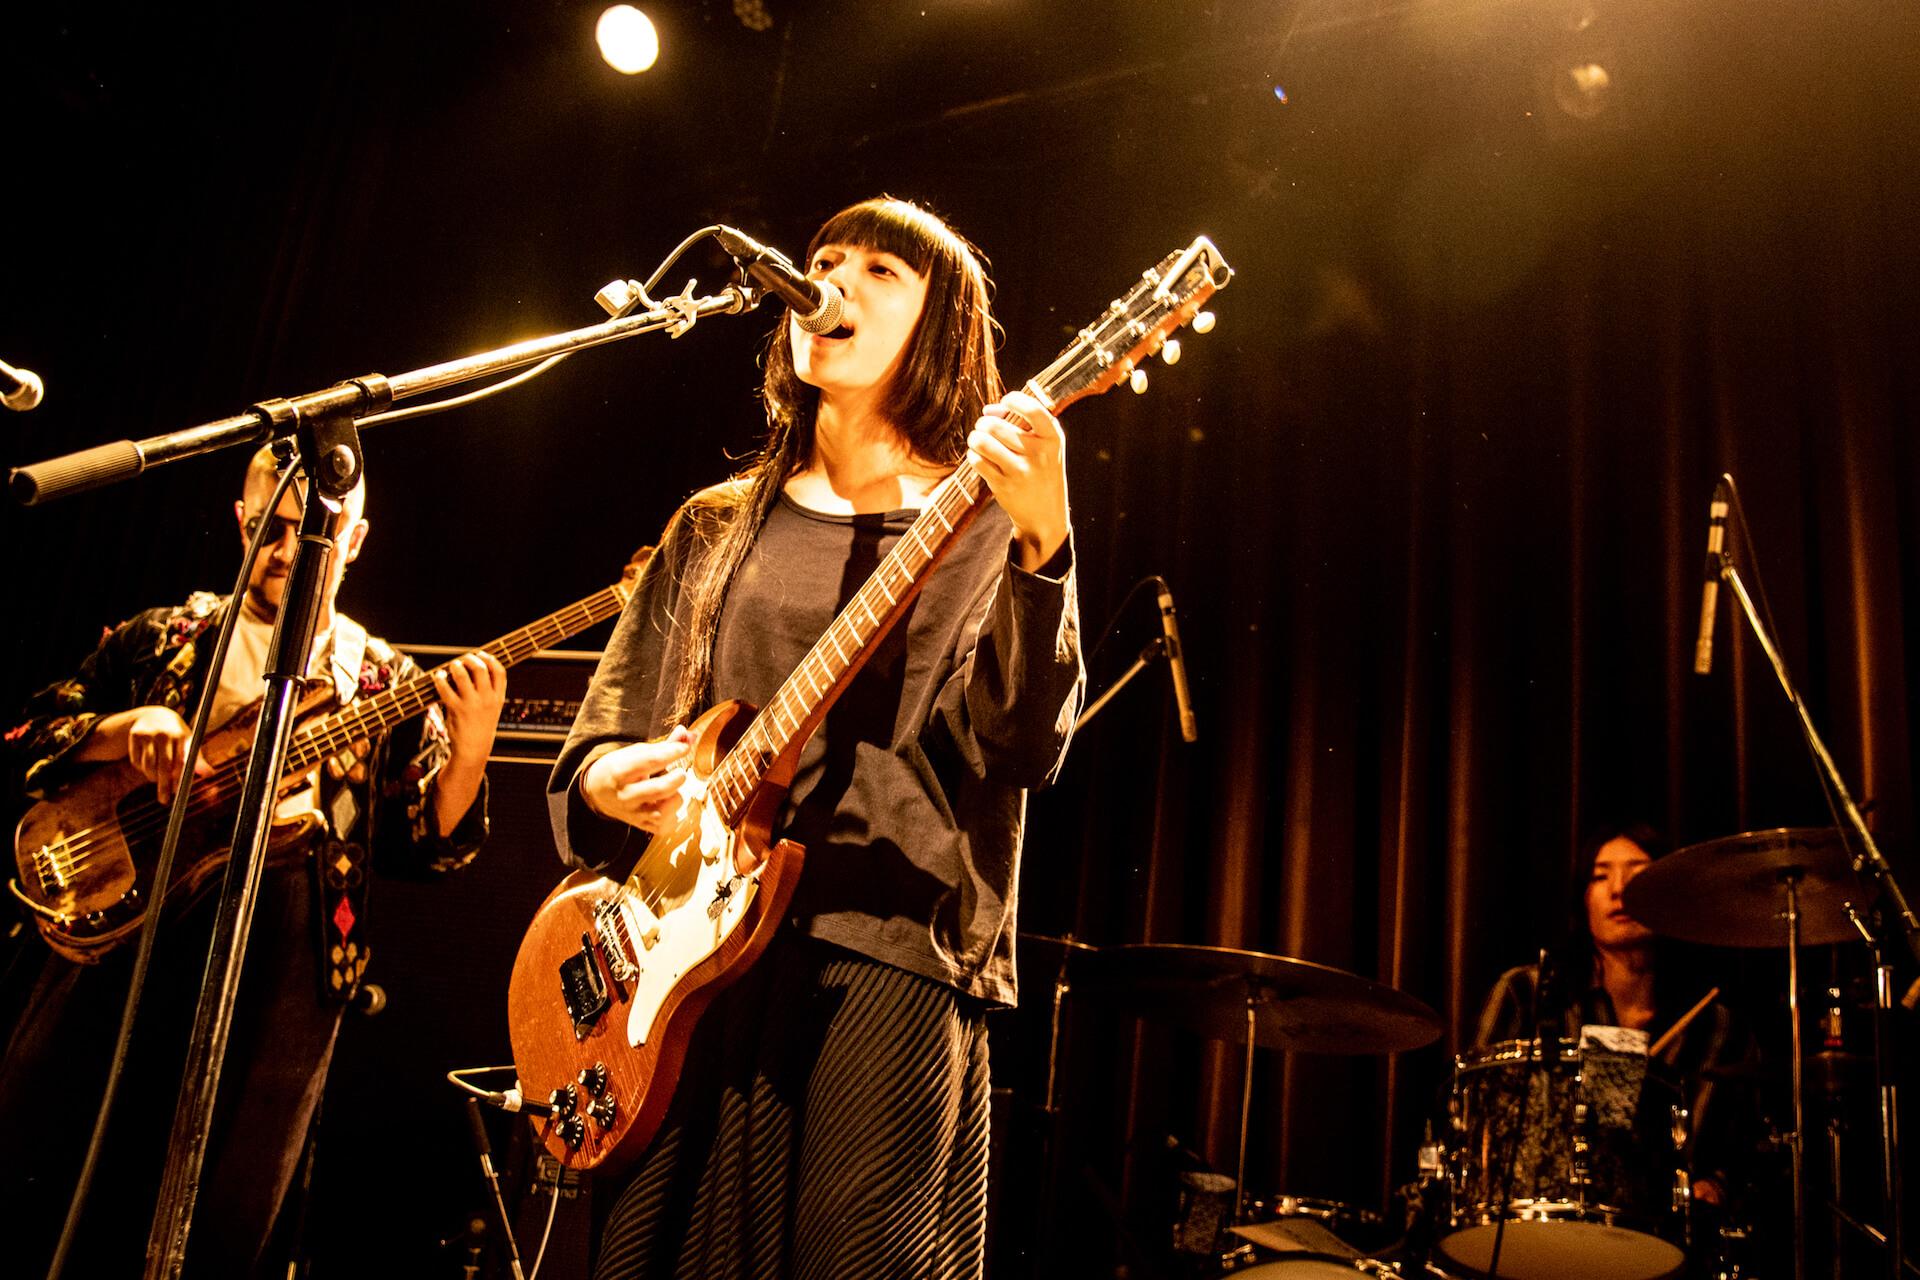 イベントレポート|伝説の即興バトルも復活。音楽フェス<Alternative Tokyo>で都市カルチャーを探求する music190410-alternative-tokyo-3